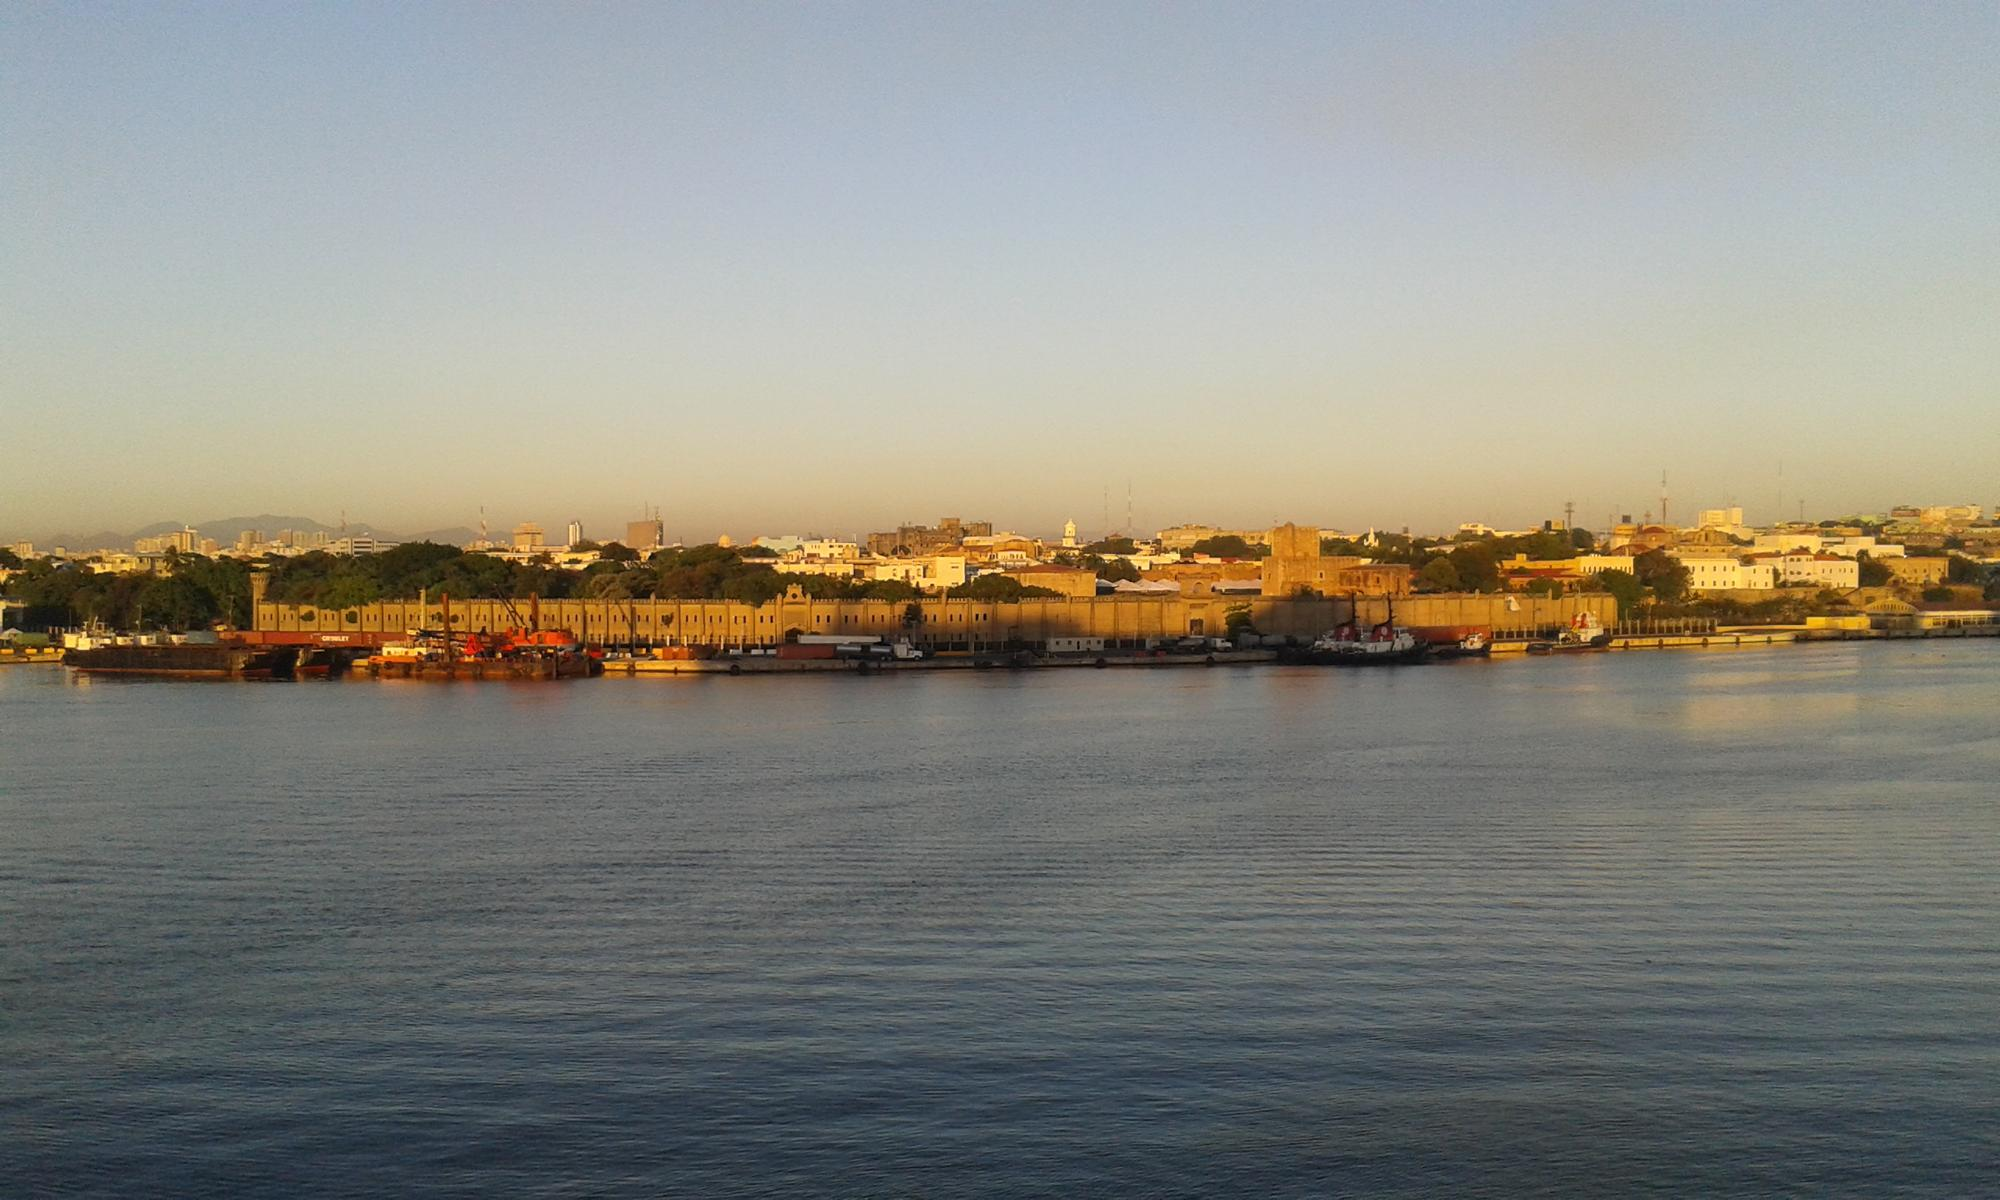 Blick vom Schiff auf die Altstadt